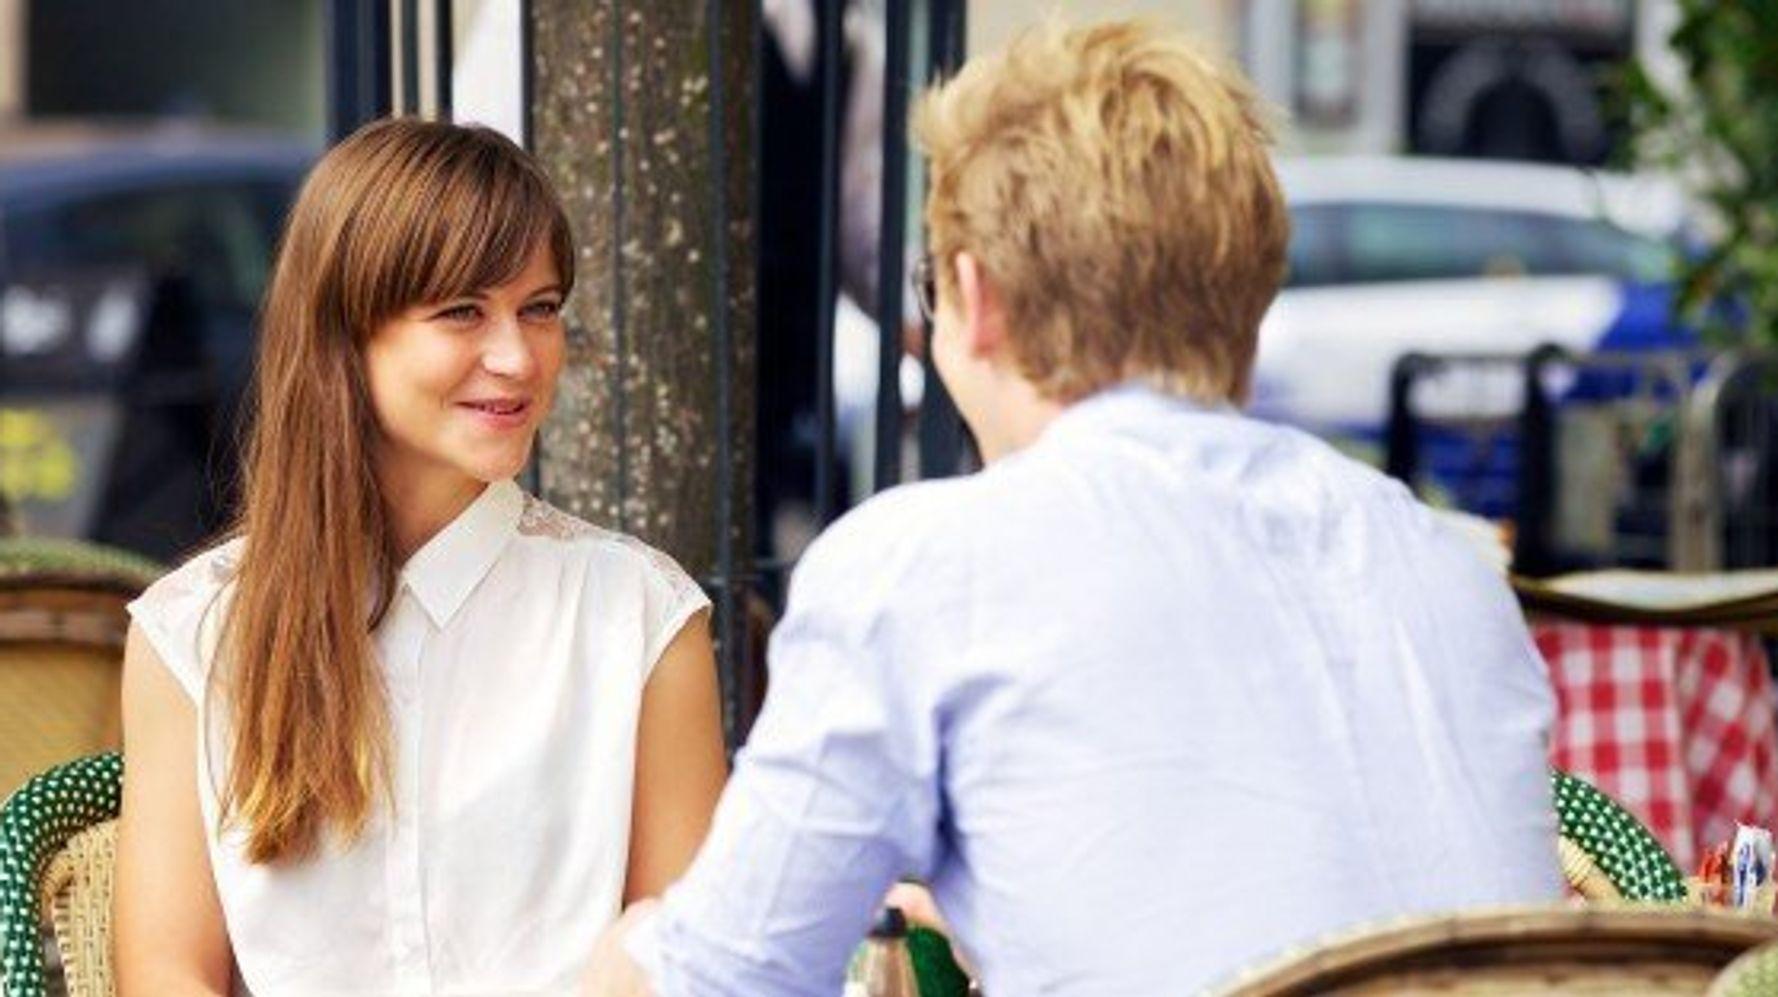 butch femme dating advice sites rencontres personnes mariées